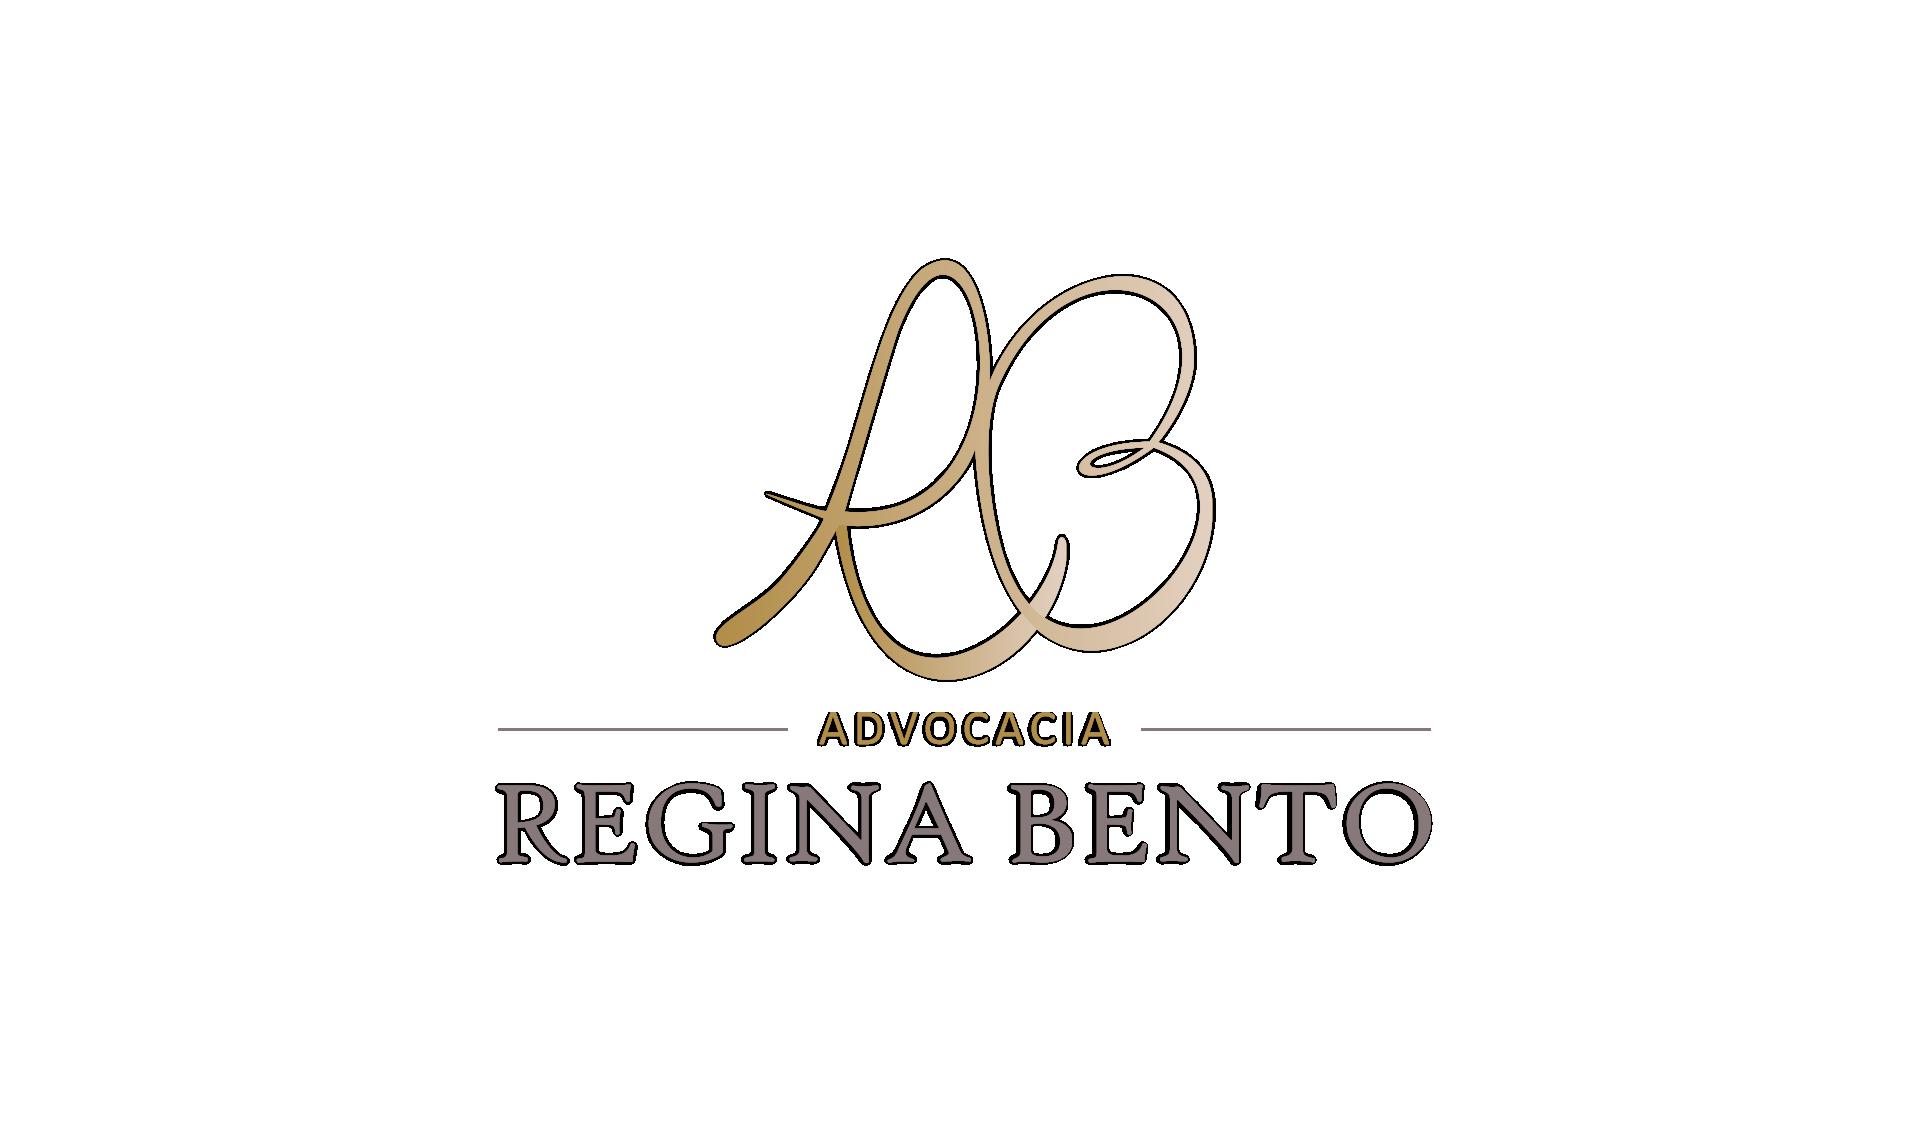 Advocacia Regina Bento